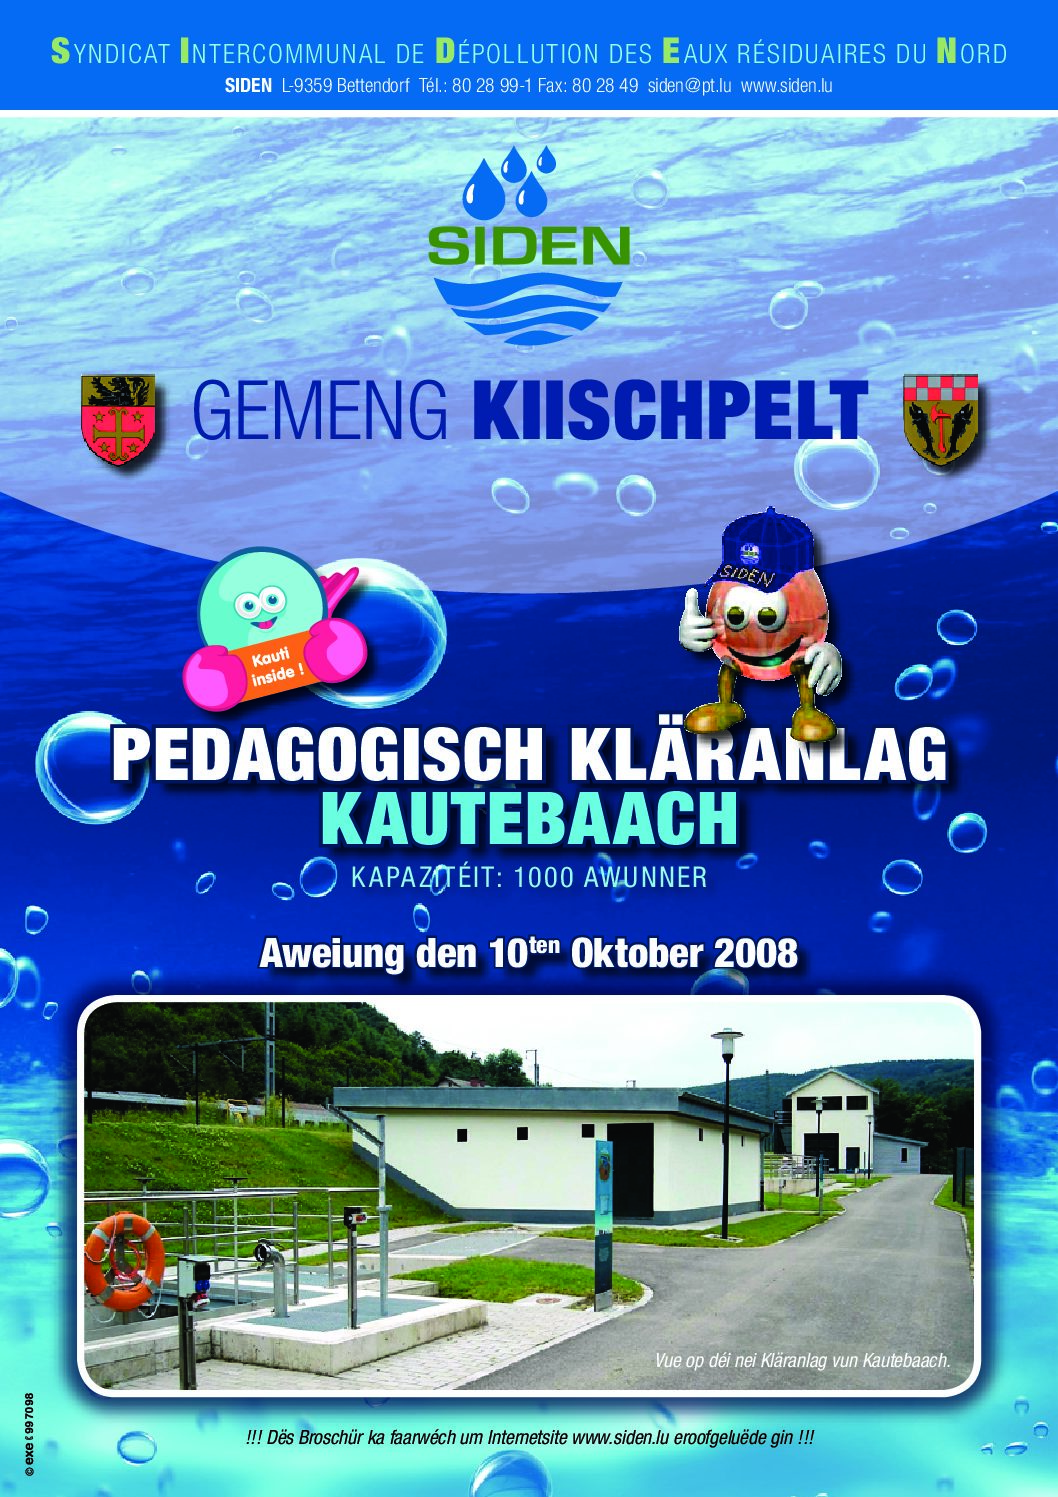 Pedagogische Klärnanlage Kautenbach